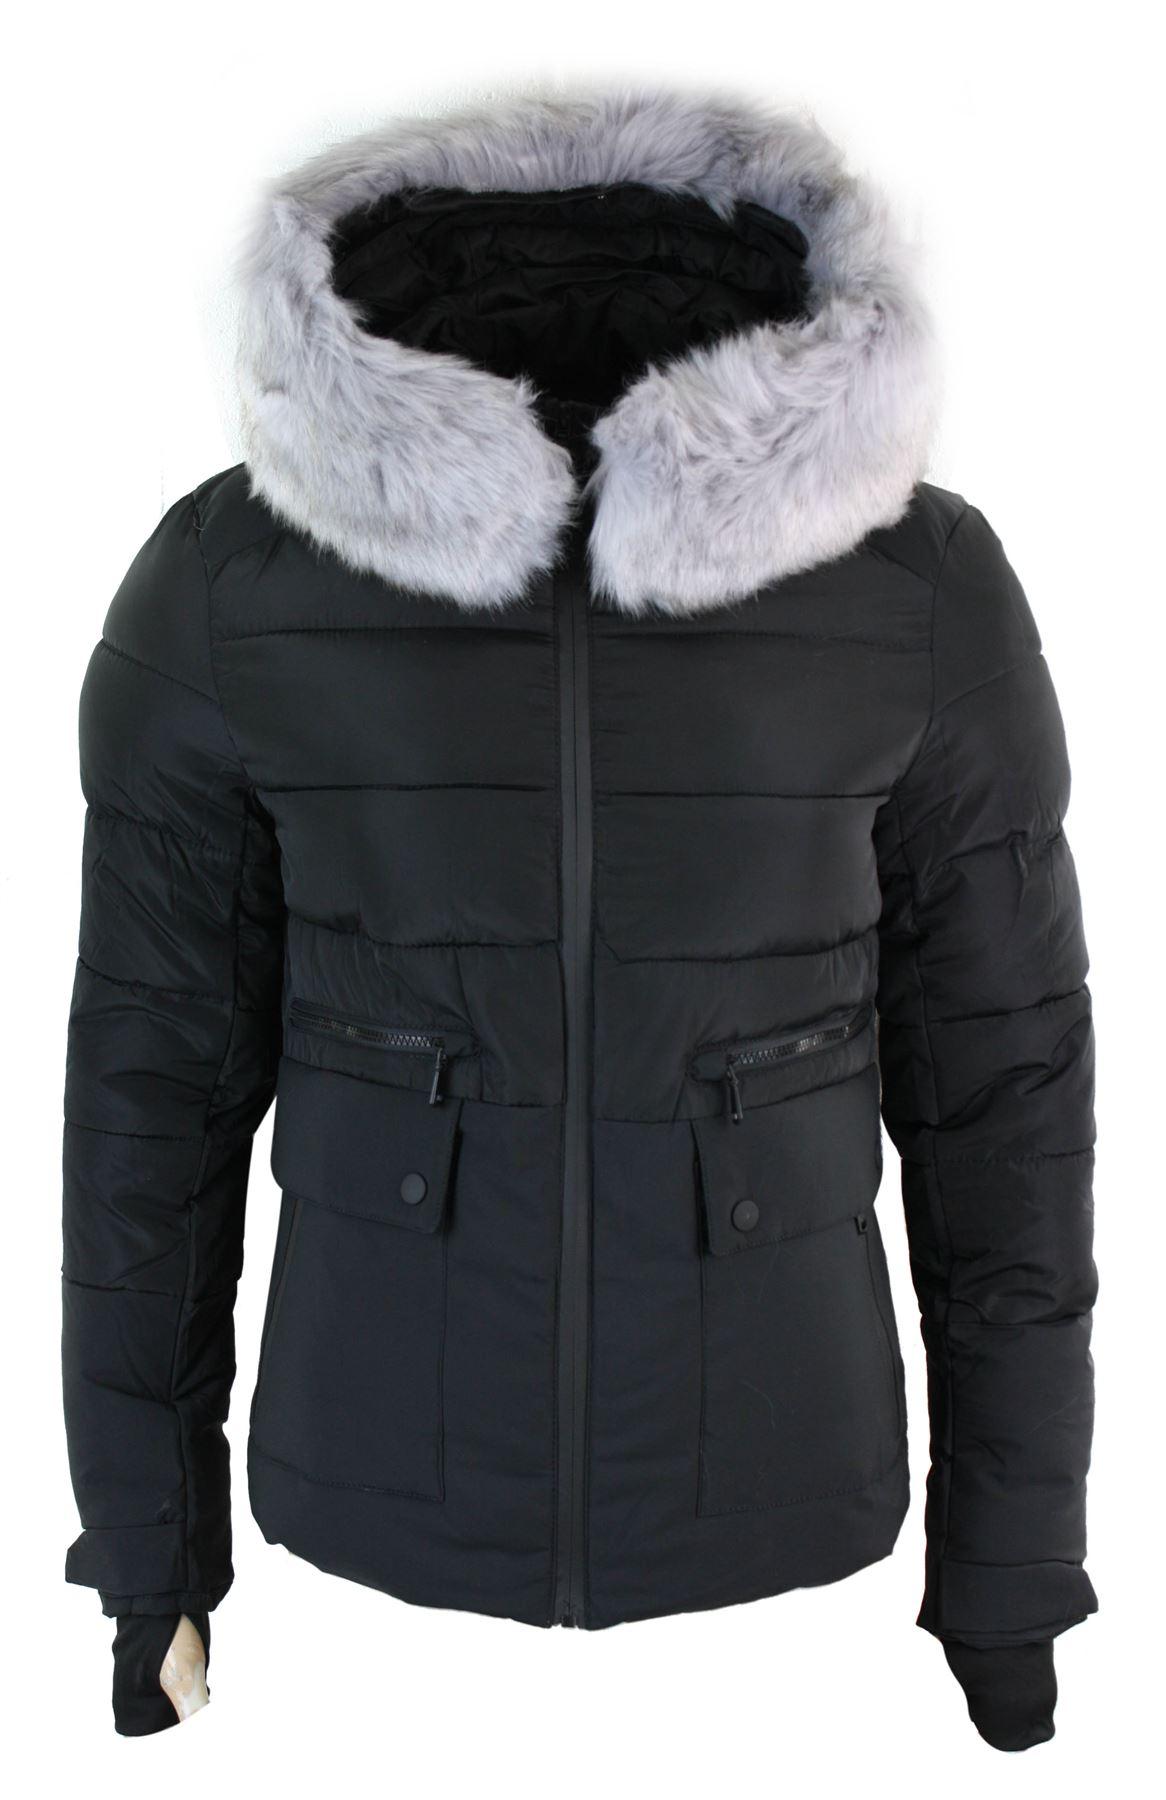 manteau homme doudoune matelass e capuche fausse fourrure bleu marine noir ebay. Black Bedroom Furniture Sets. Home Design Ideas